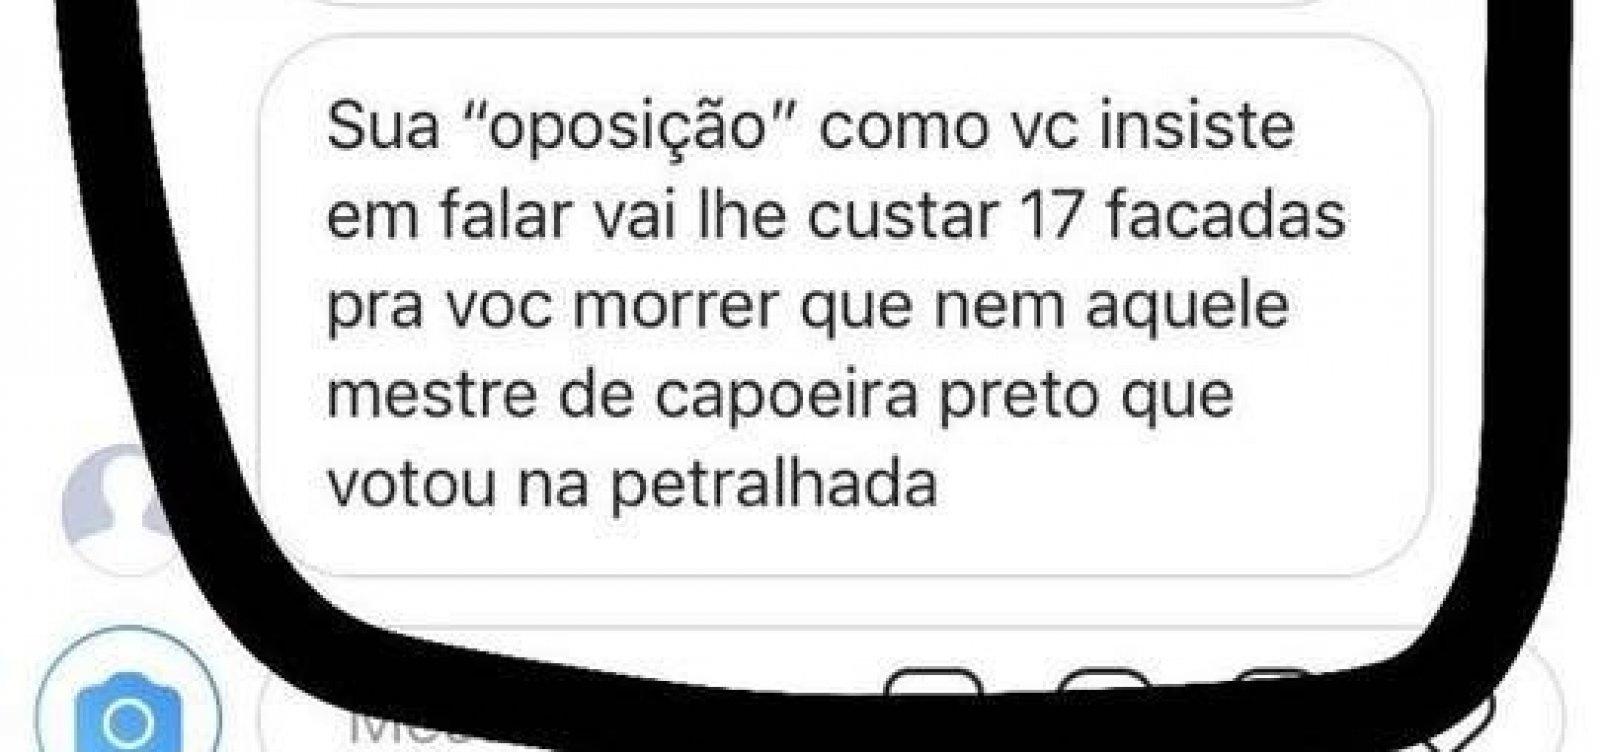 [Aluna do Colégio São Paulo é ameaçada de morte por colega que apoia Bolsonaro]